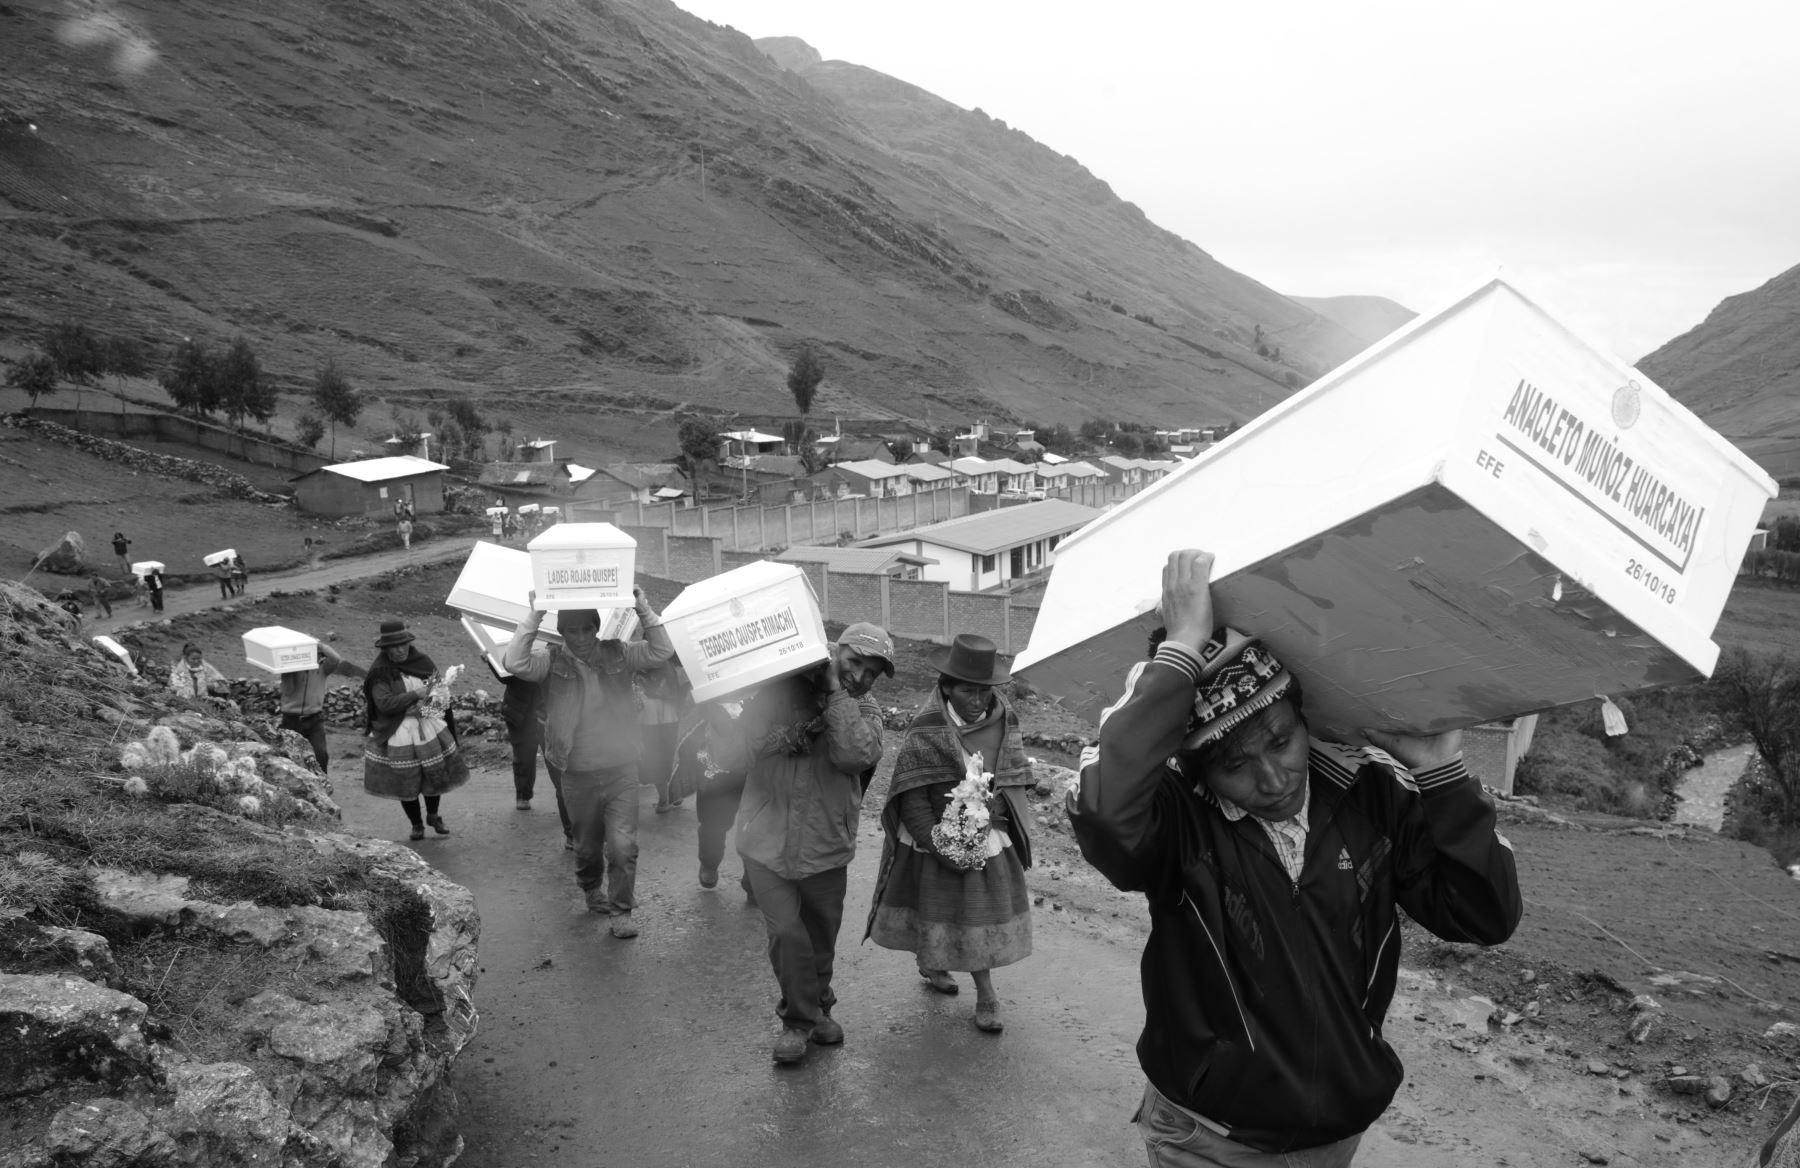 Hay más de 220 mil personas inscritos a nivel nacional en el Registro Único de Víctimas. La mayoría pertenece a Ayacucho, la región más golpeada por el conflicto armado interno 1980-2000, iniciado por Sendero Luminoso. Foto: ANDINA/Jack Ramón